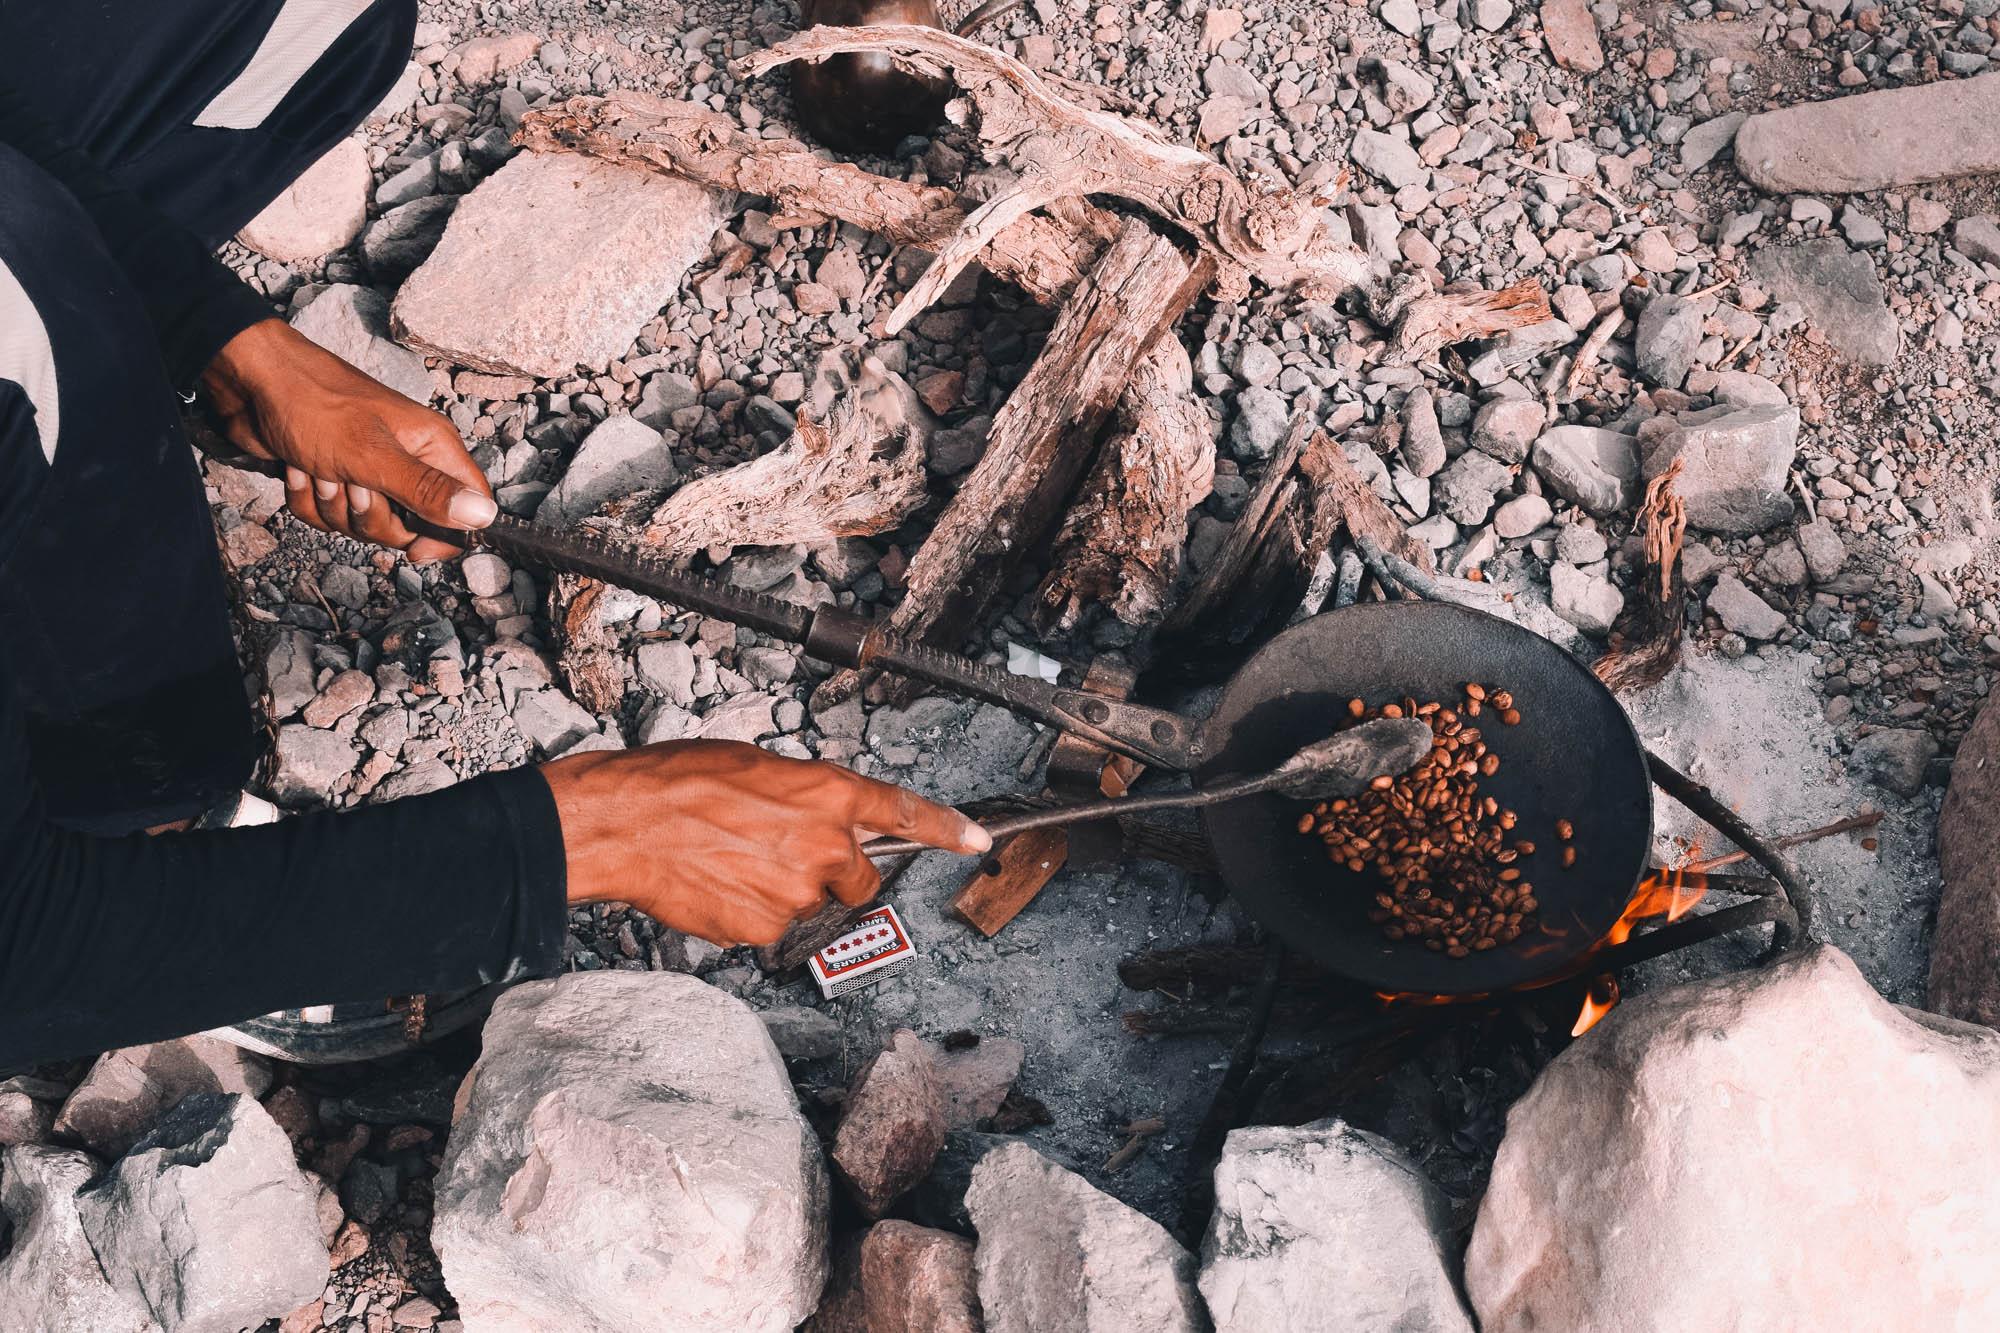 koffiedrinken bij bedoeïenen in natuurreservaat Dana